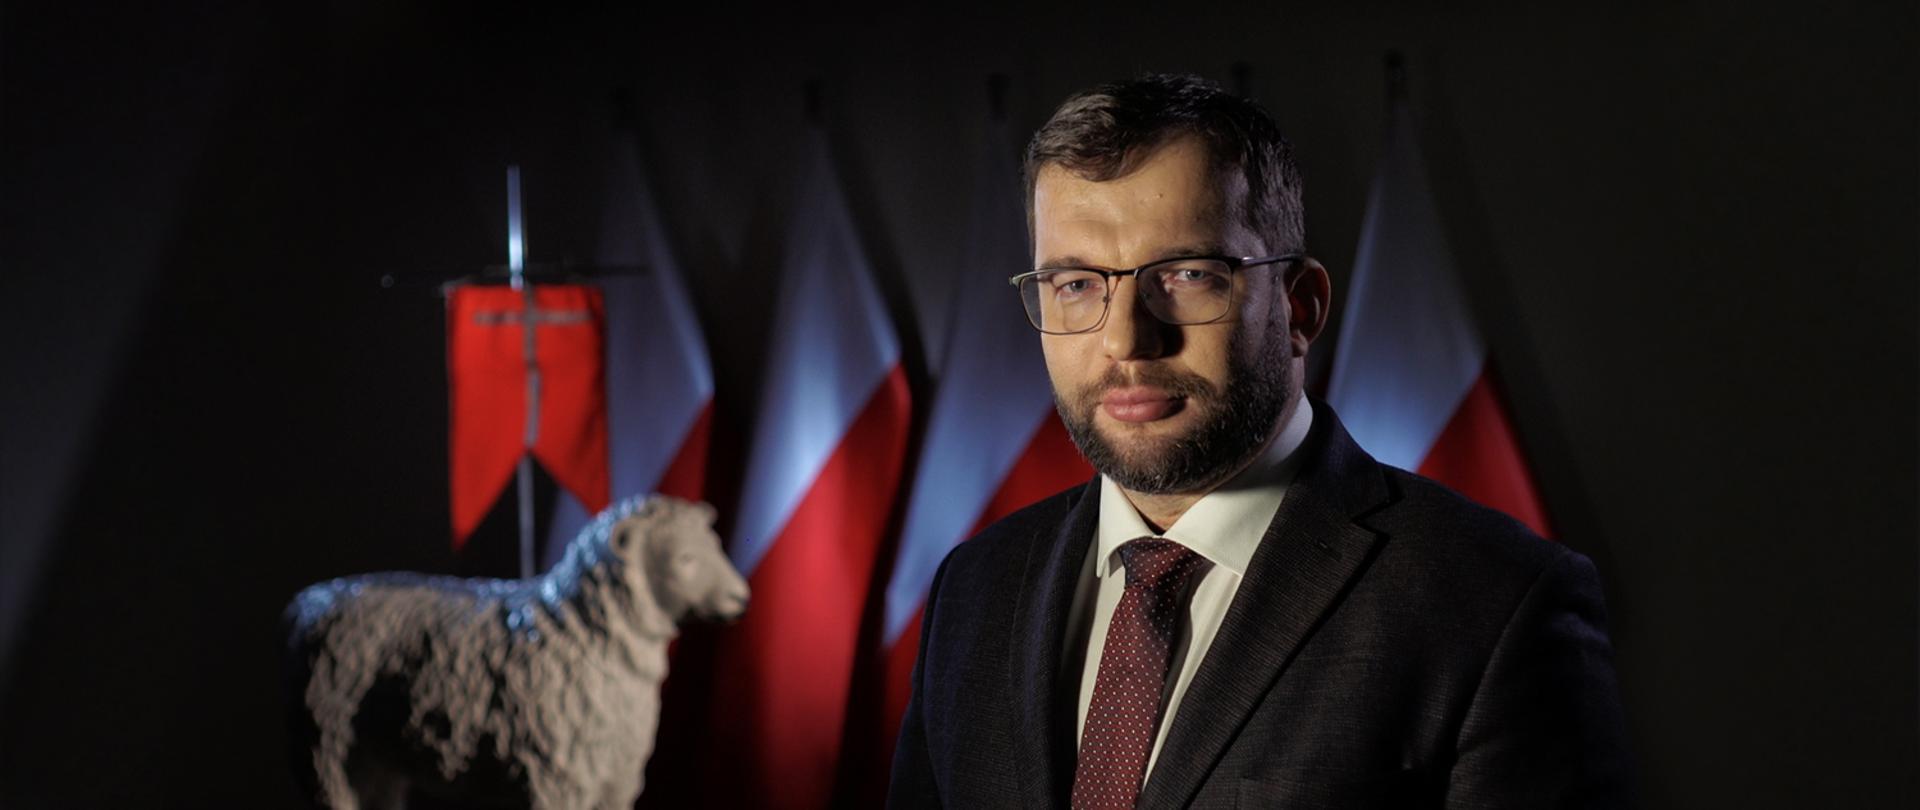 Zdjęcie do artykułu Życzenia ministra rolnictwa i rozwoju wsi Grzegorza Pudy z okazji Świąt Zmartwychwstania Pańskiego